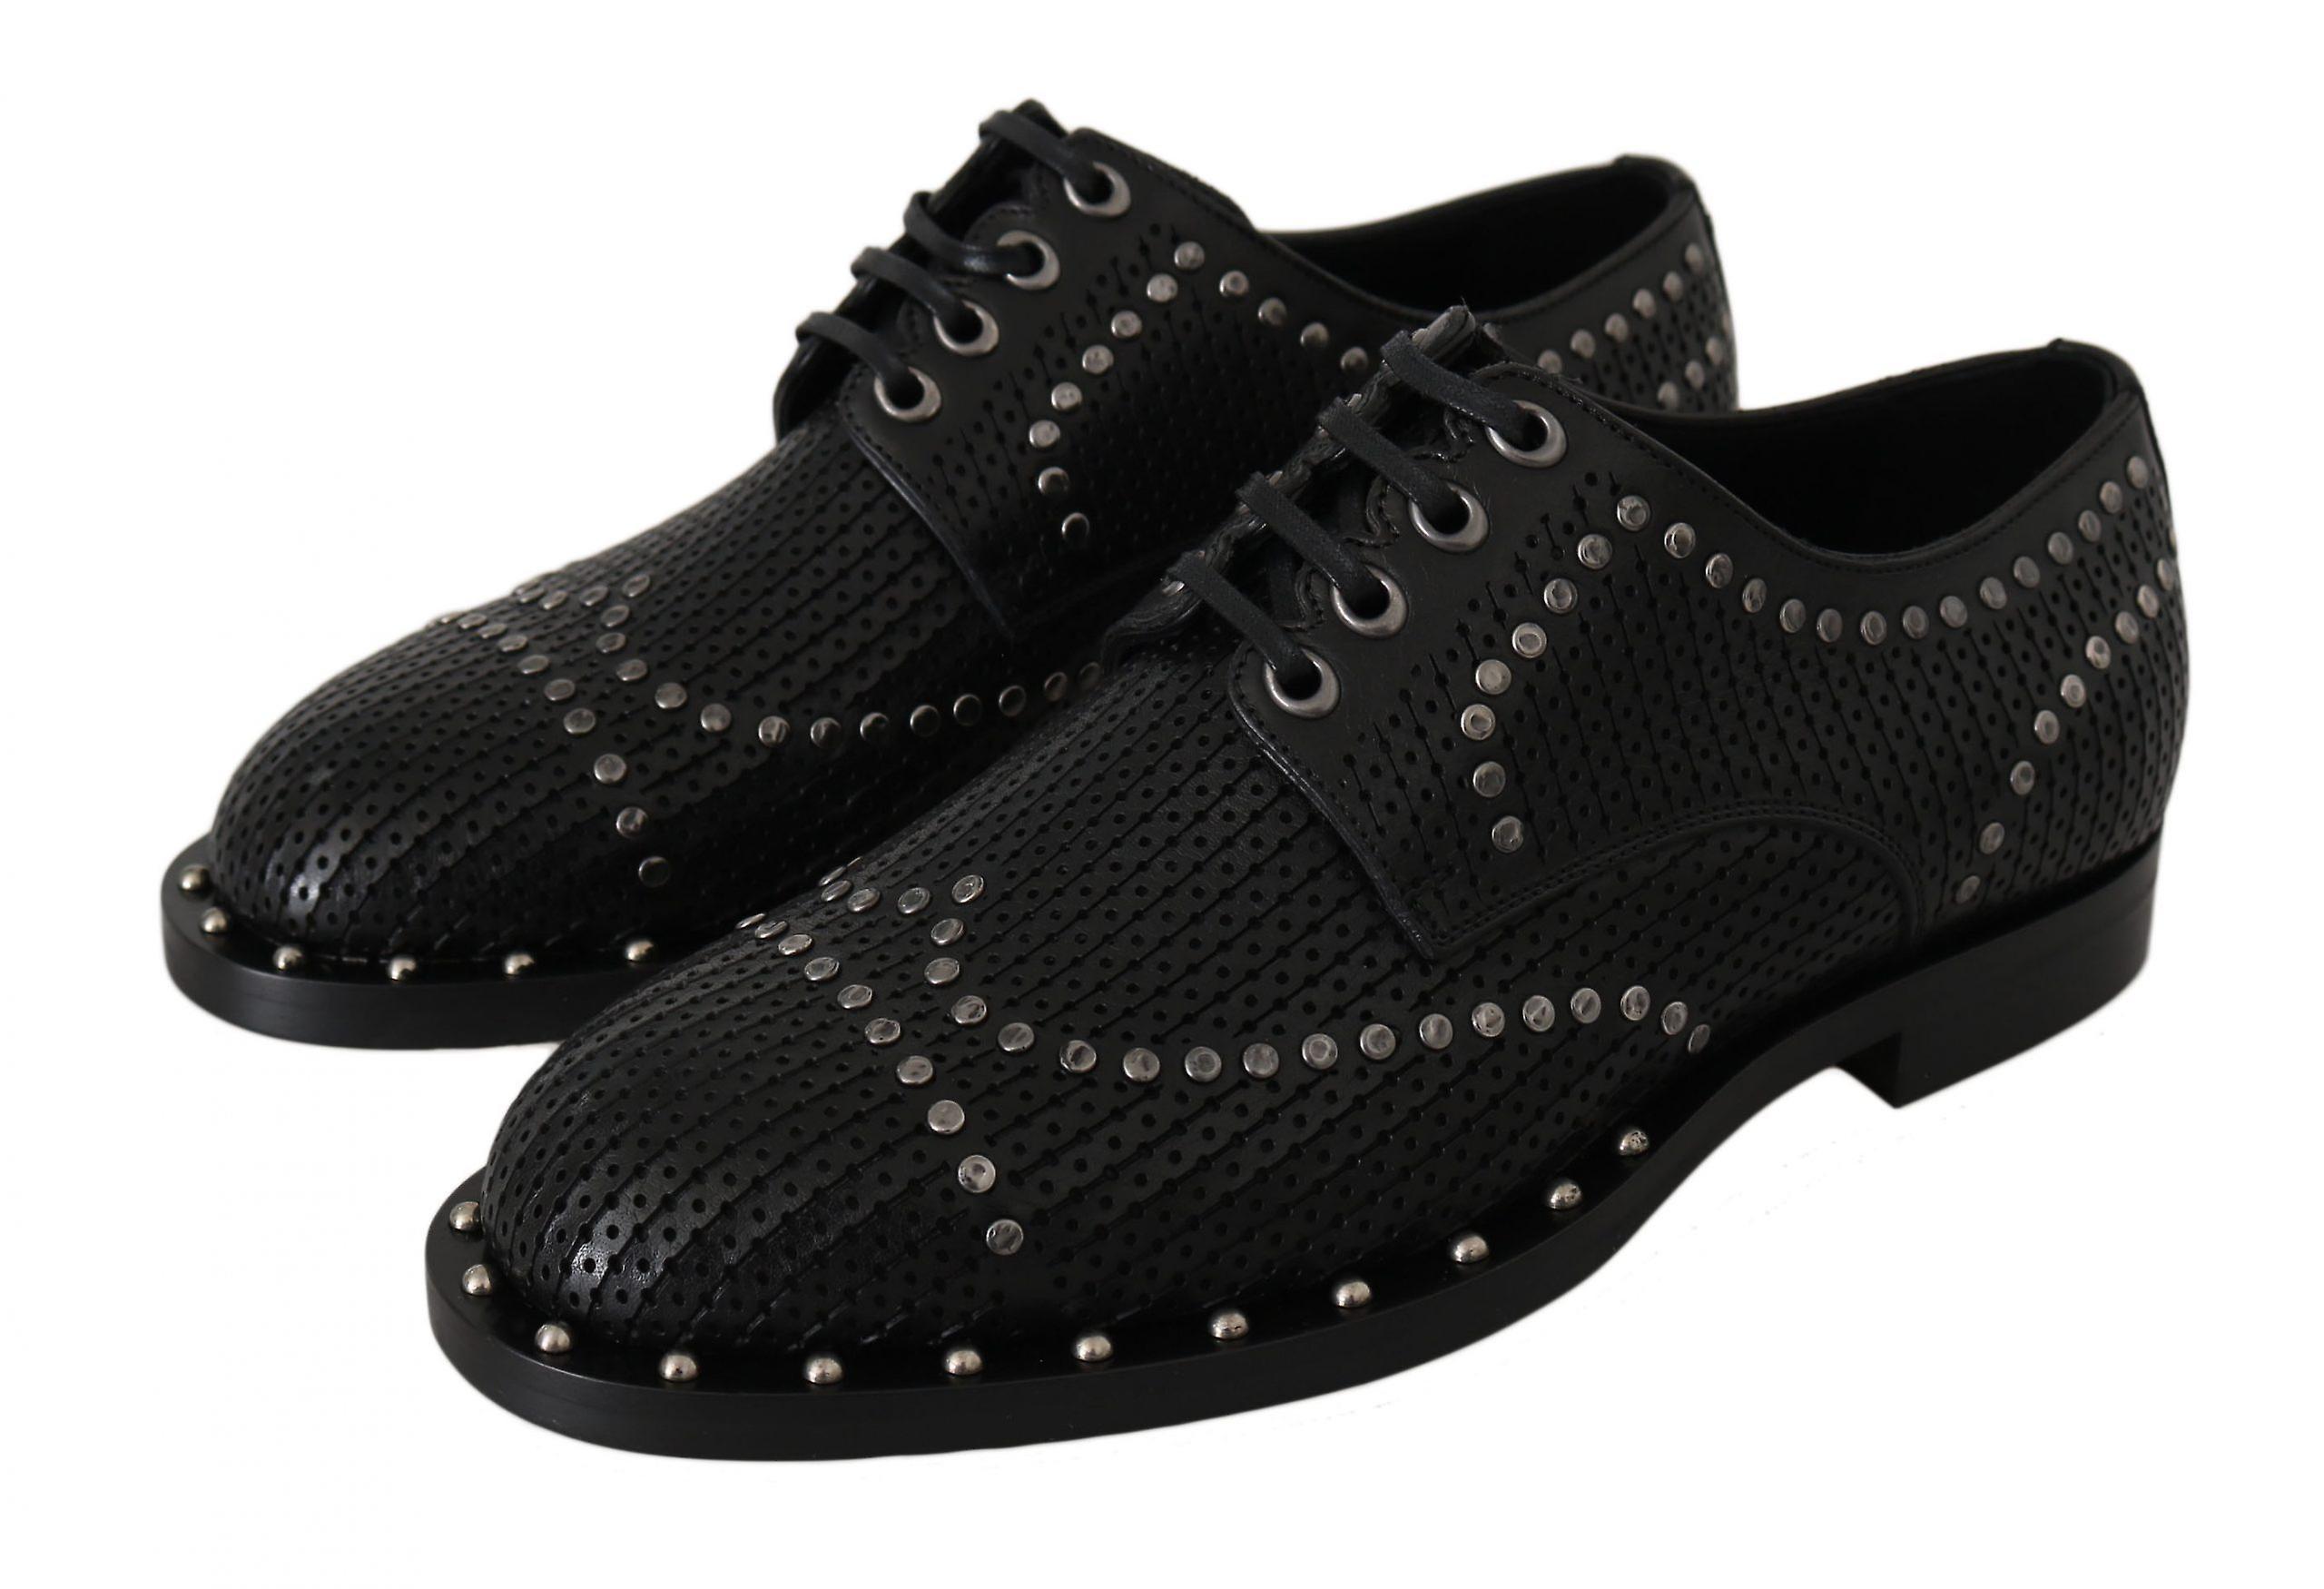 Dolce & Gabbana Black Leather Studded Derby Dress  Shoes -- MV23658864